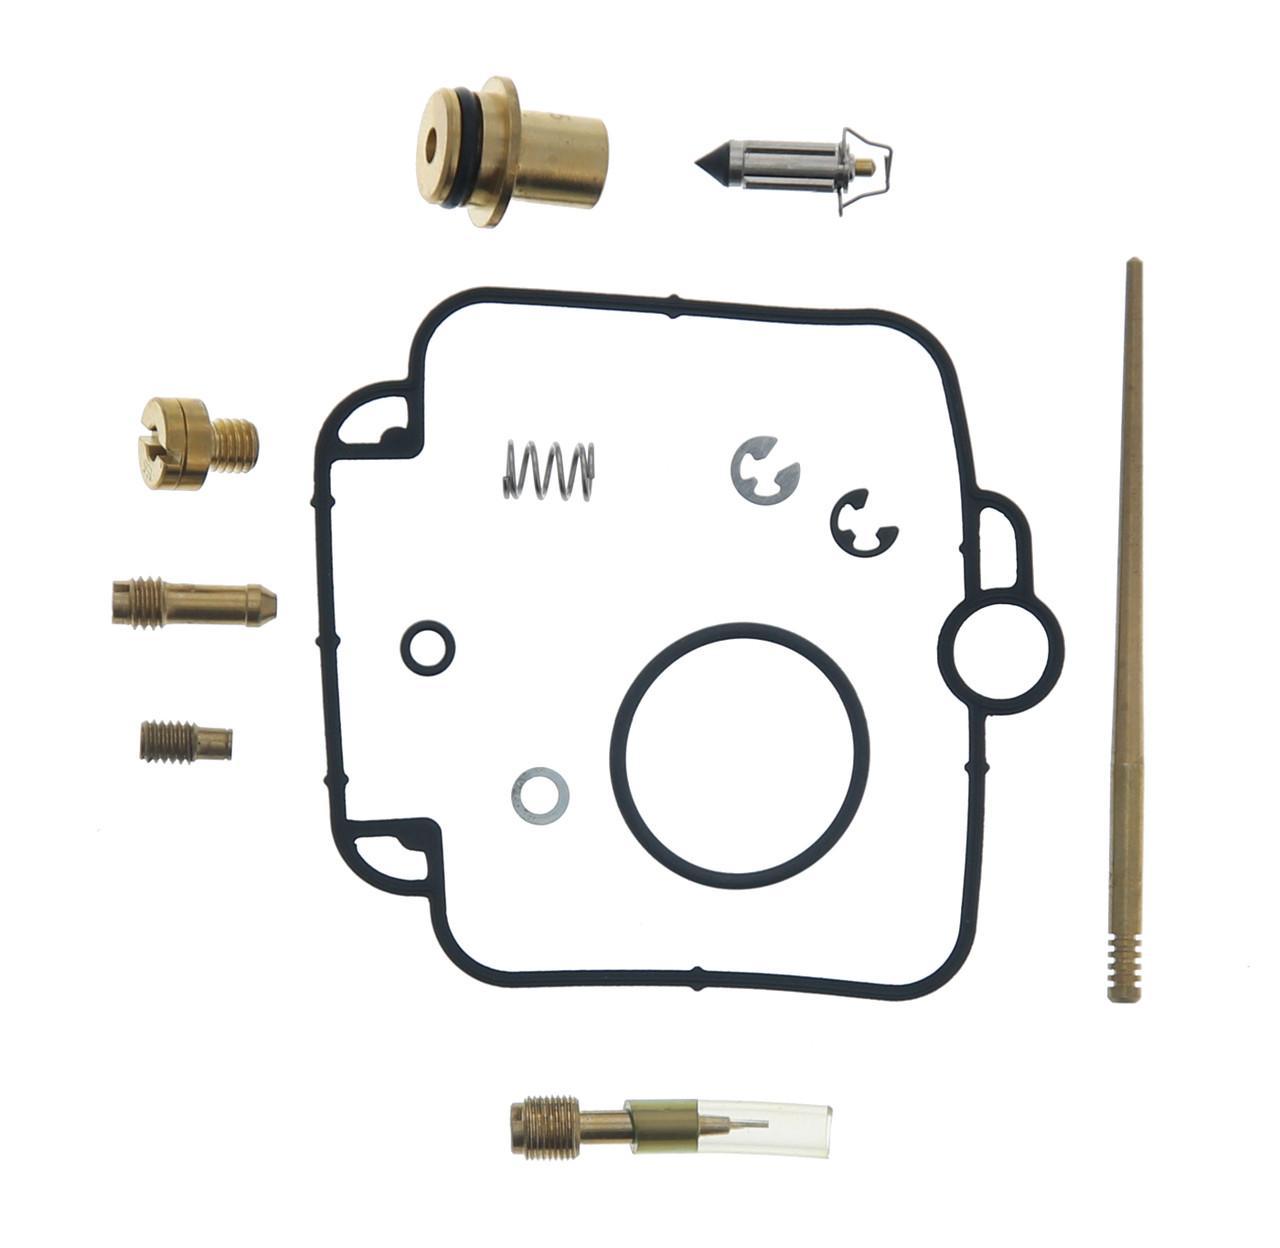 carburetor repair kit carb kit fits 1998 2002 polaris 500 scrambler 500 4x4 [ 1280 x 1248 Pixel ]